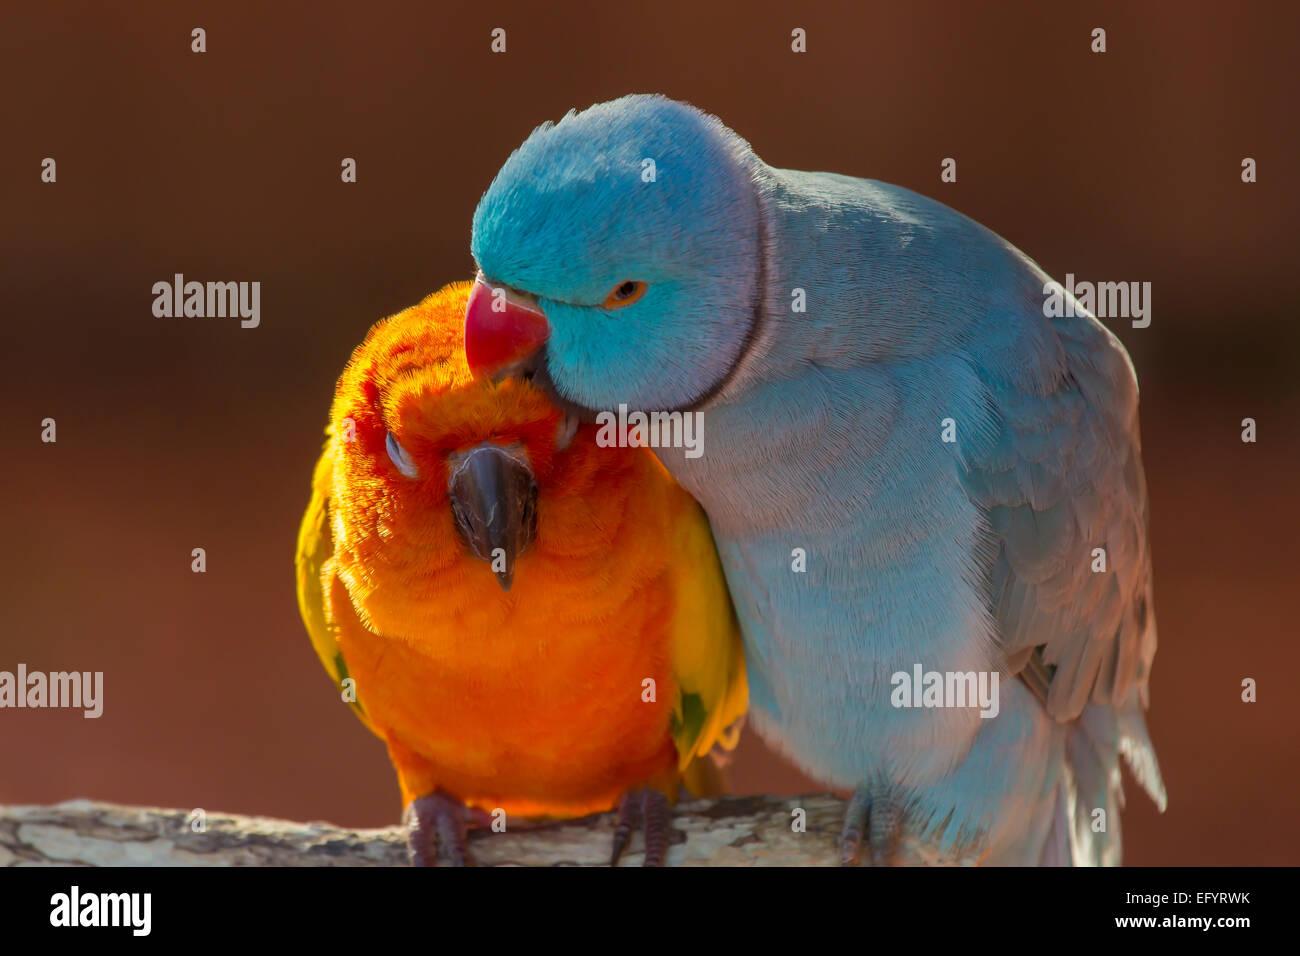 Coppia di piccoli pappagallo colorato innamorati Agapornis toelettatura ogni altro Immagini Stock